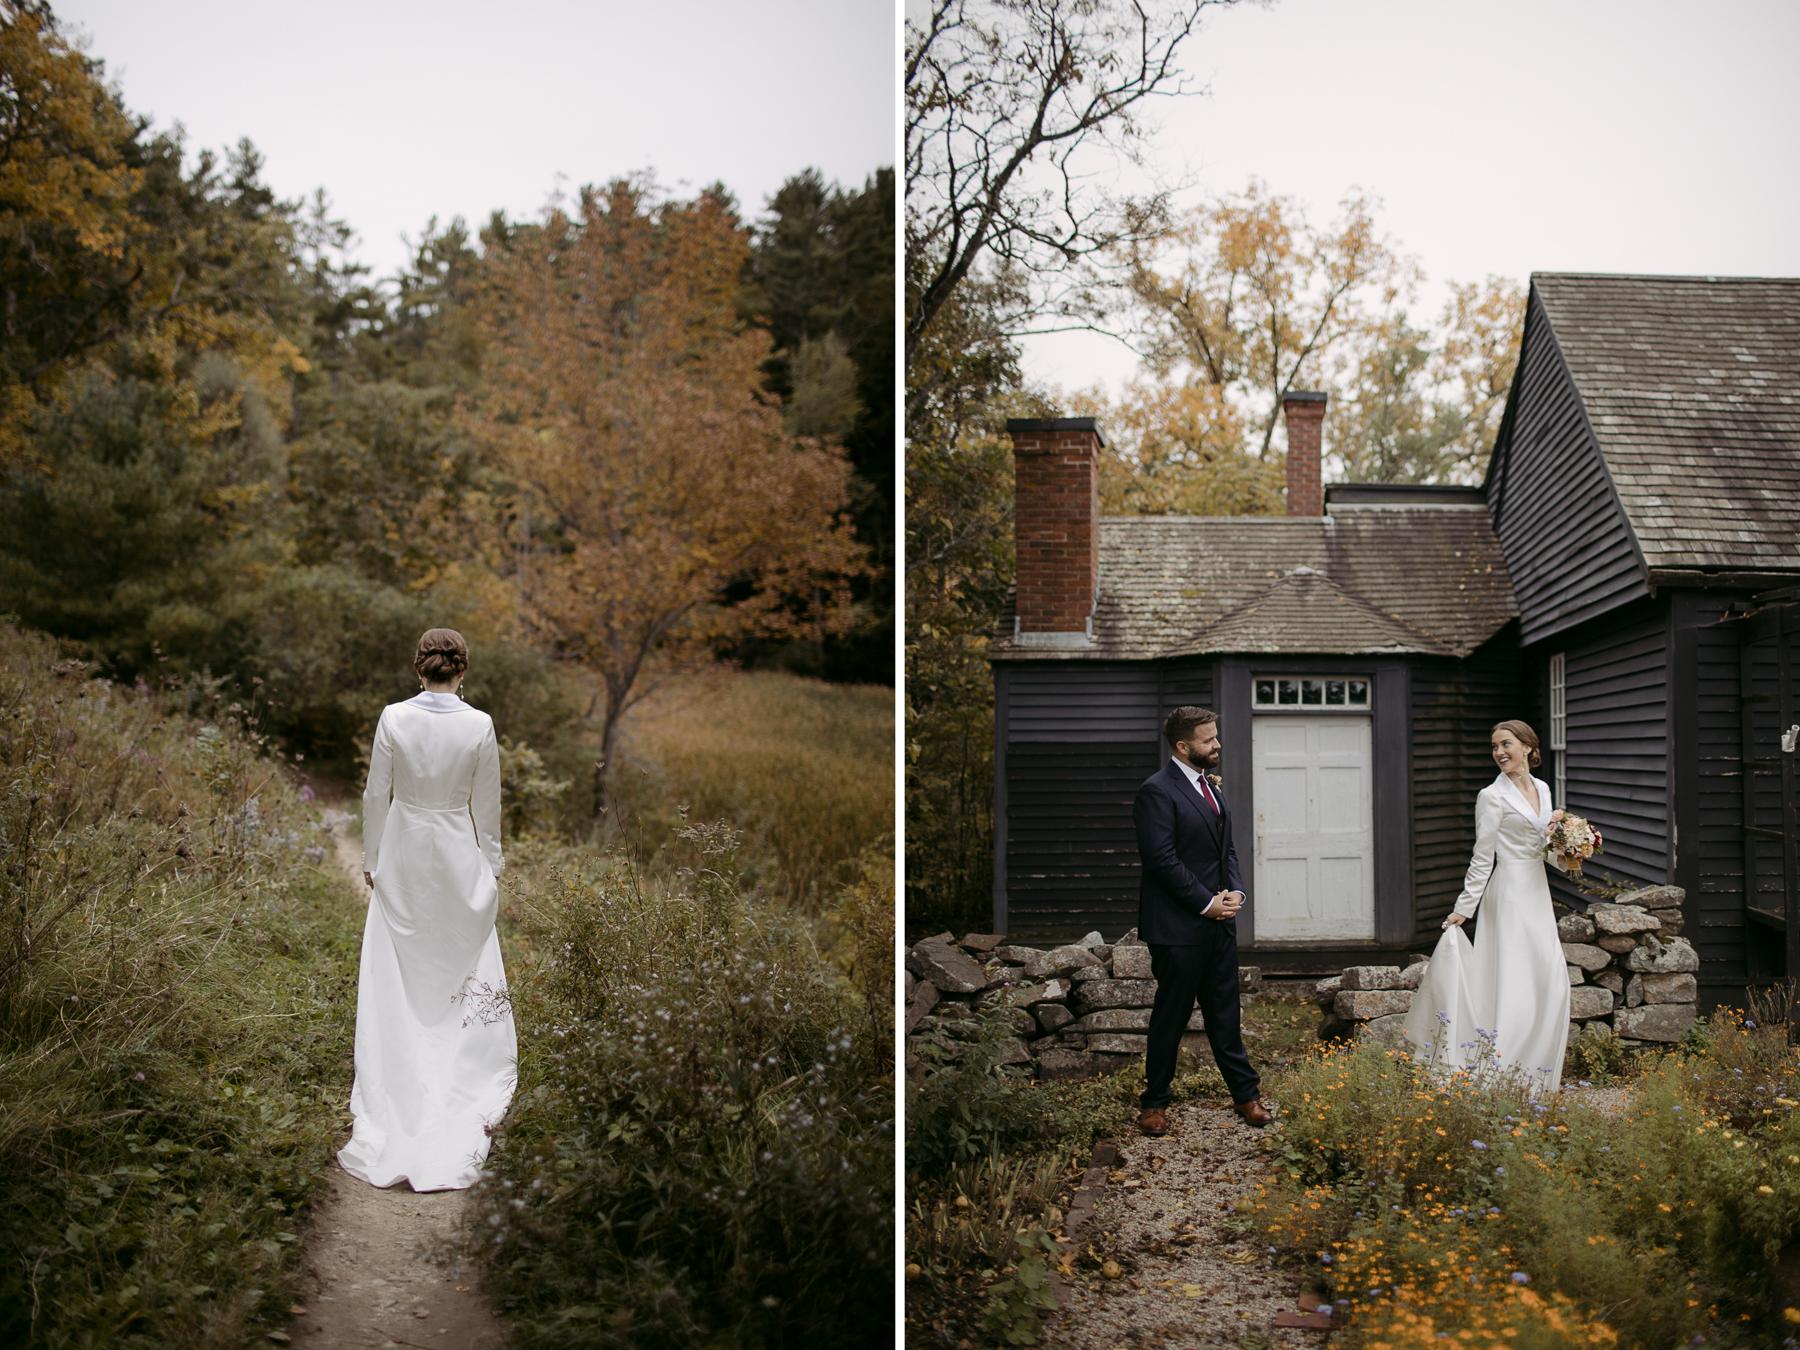 Hamilton_House_wedding_maine_Leah_Fisher_Photography-28.jpg